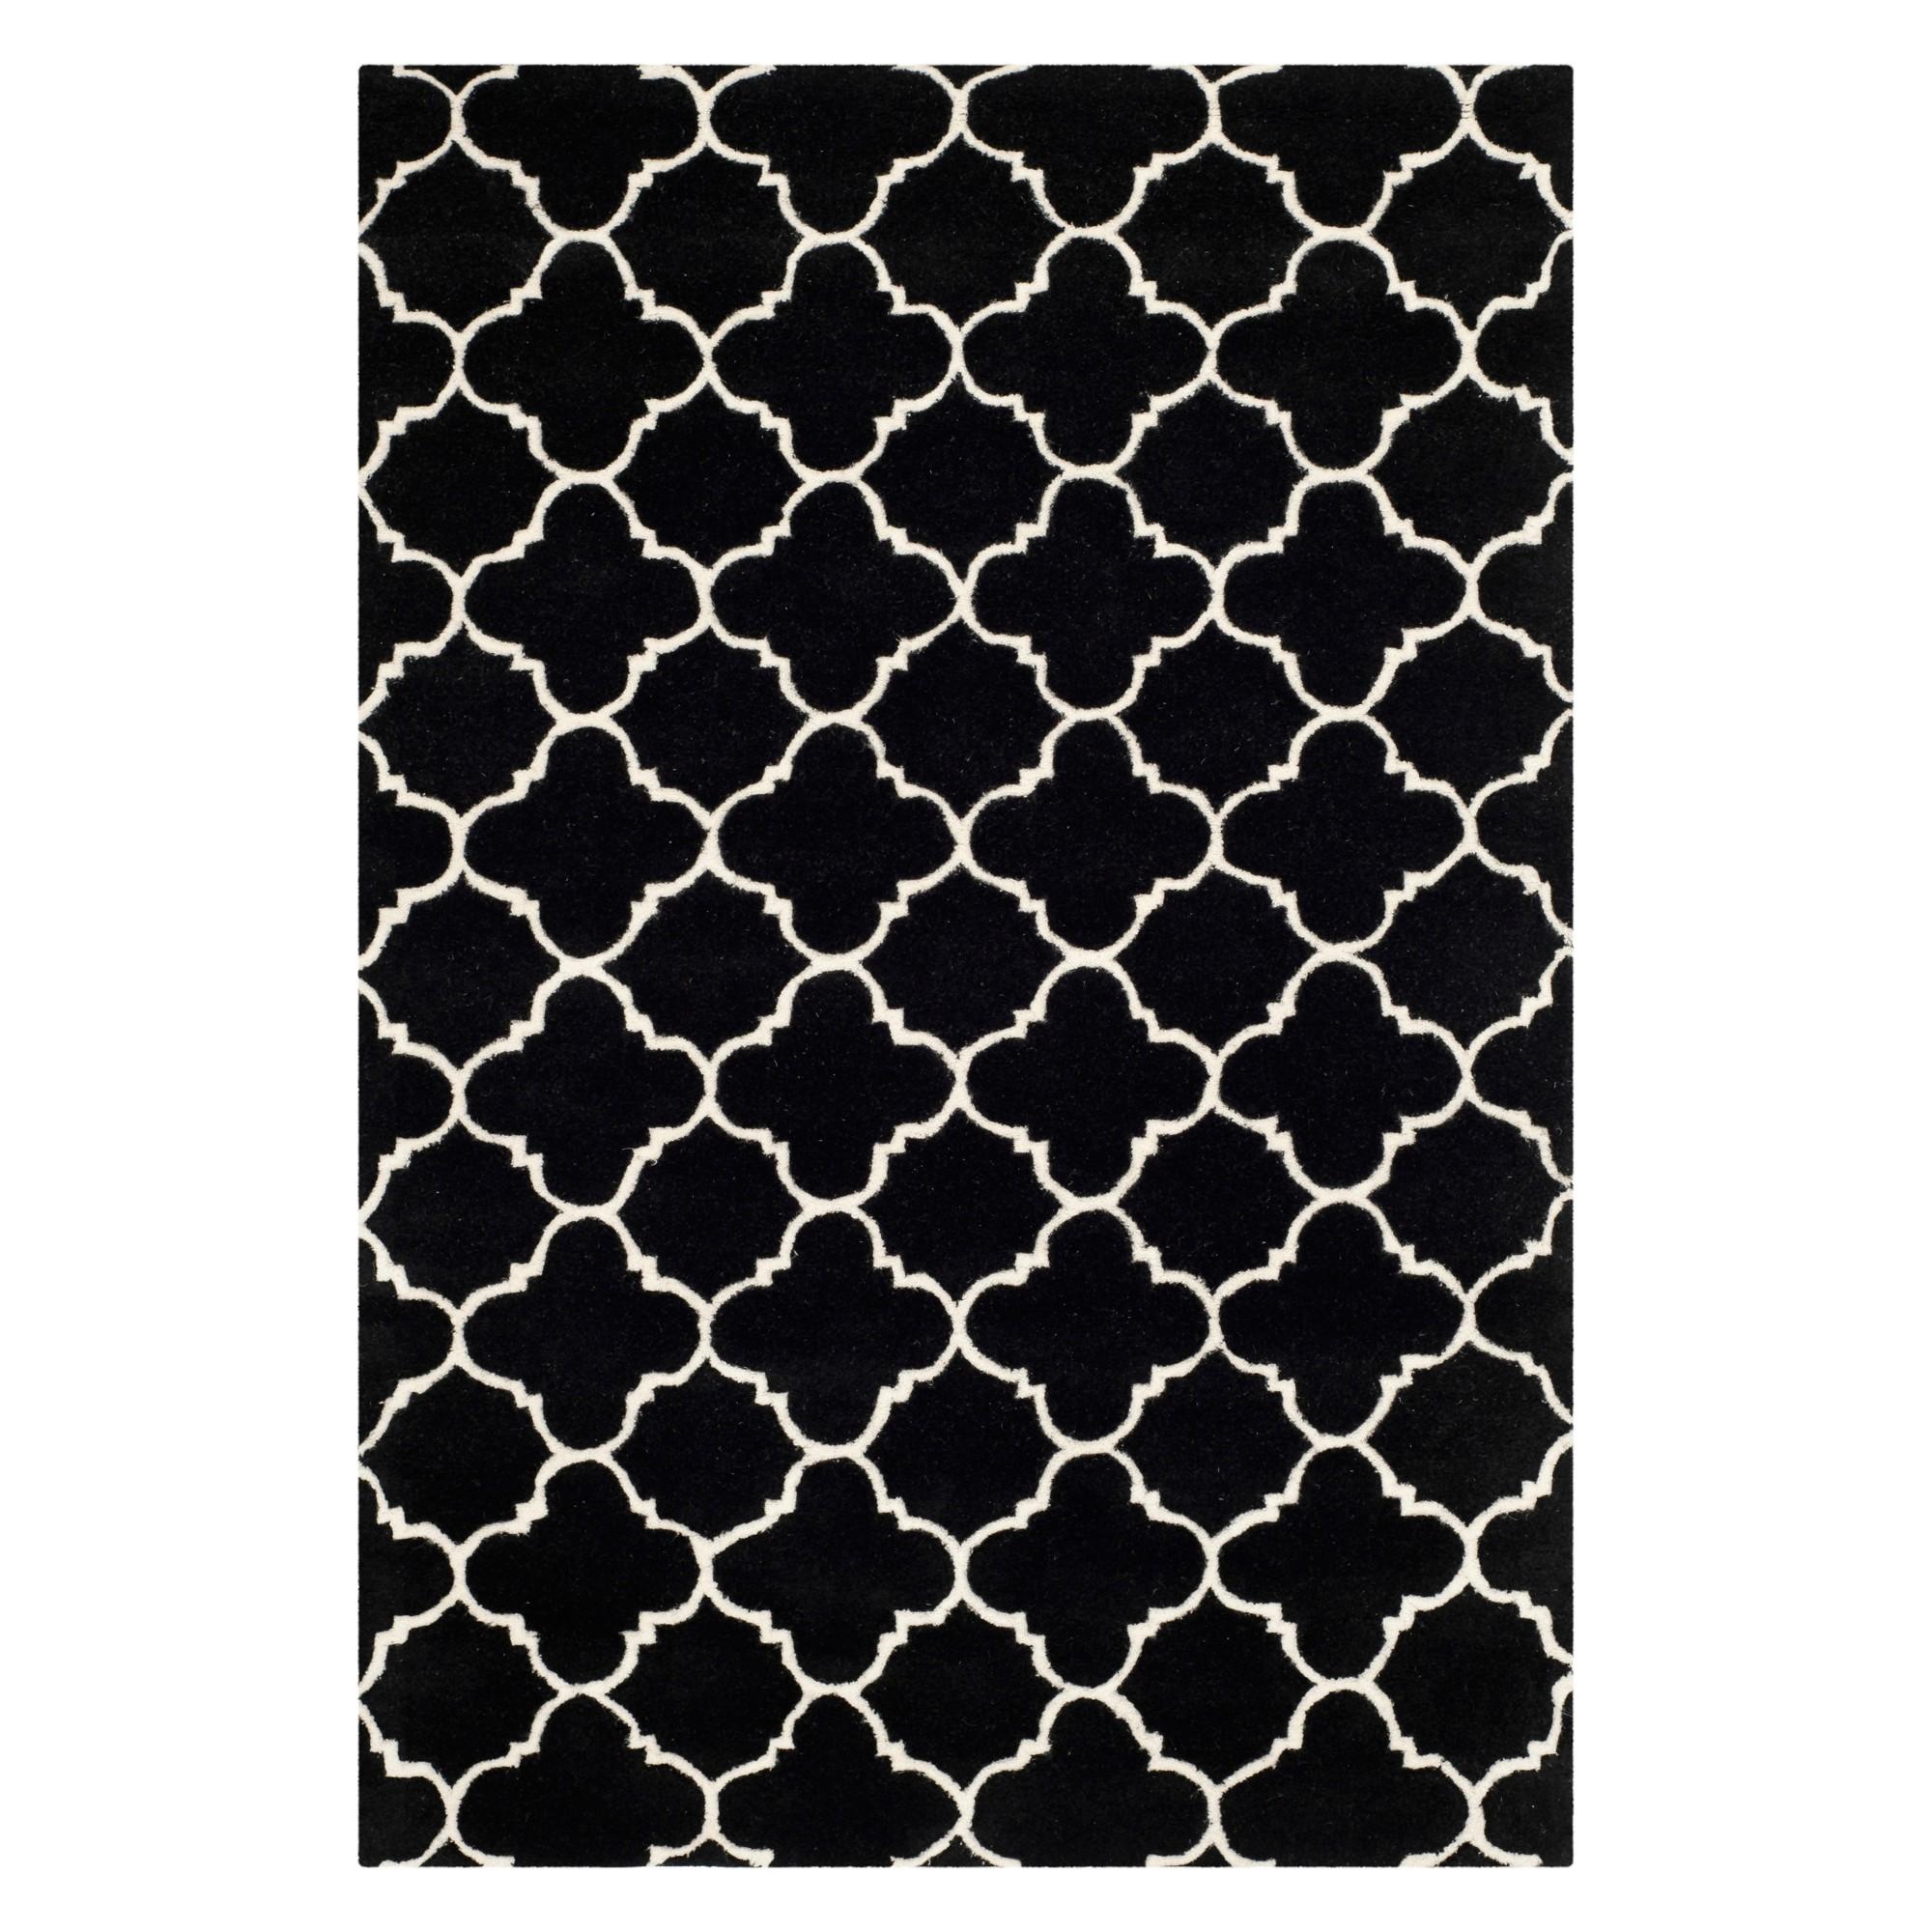 4'X6' Quatrefoil Design Tufted Area Rug Black/Ivory - Safavieh